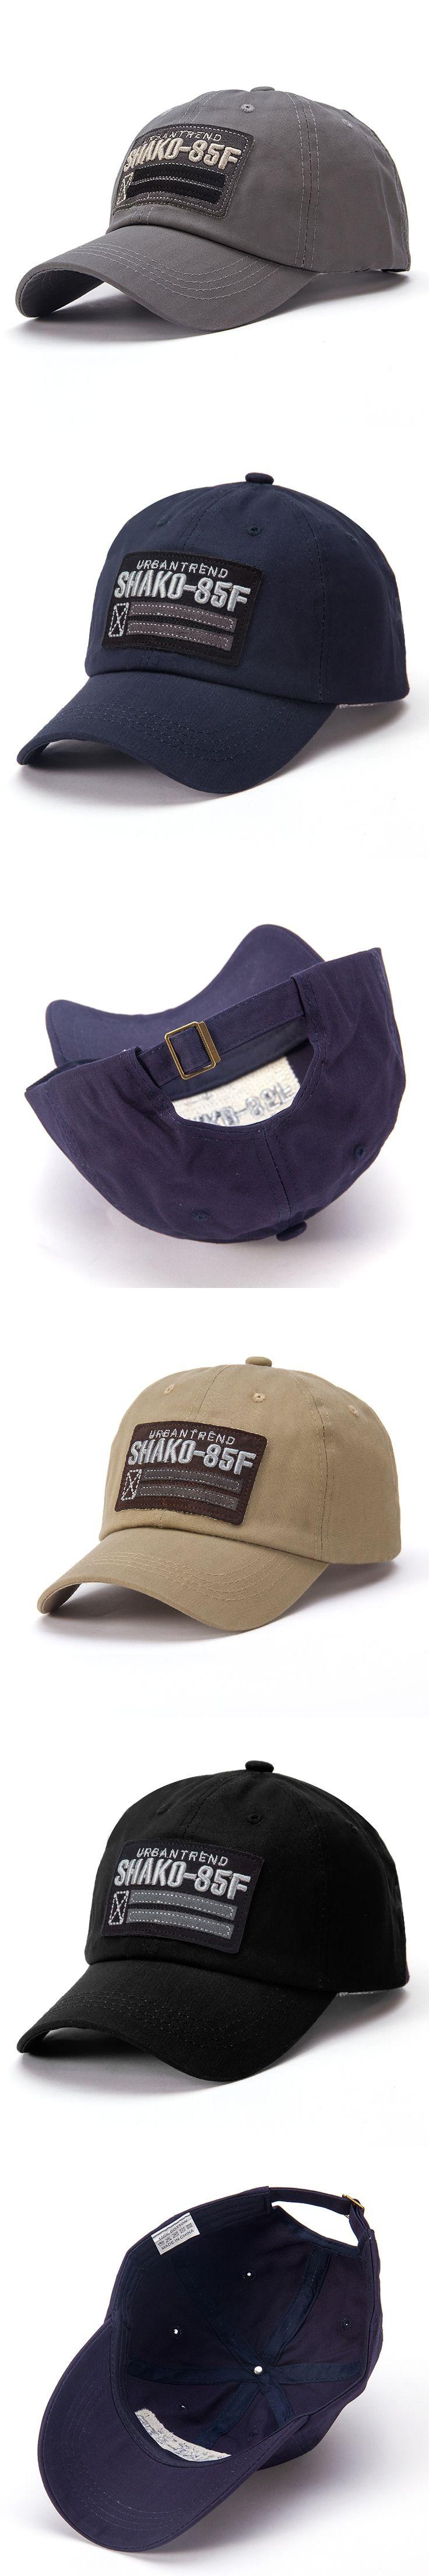 2017 NEW Baseball Cap Hat Cotton men's leisure tourism leisure sports cap sun hat sweat lady sun hat